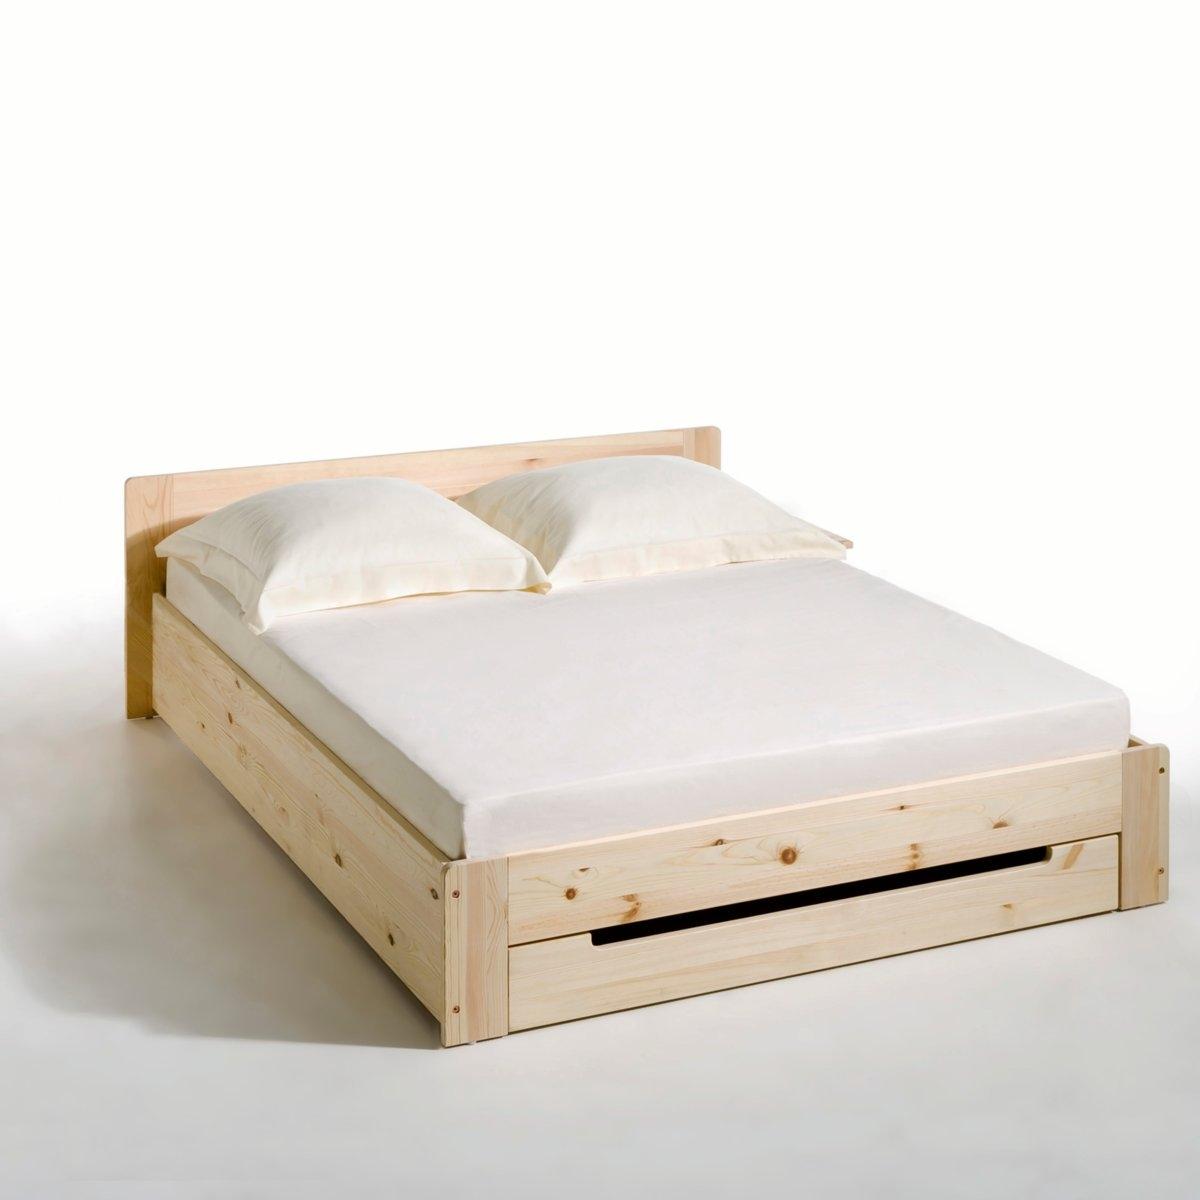 Кровать La Redoute Из массива сосны с основой под матрас и ящиком Crawley 140 x 190 см синий кровать la redoute с основой под матрас trianon 140 x 190 см белый